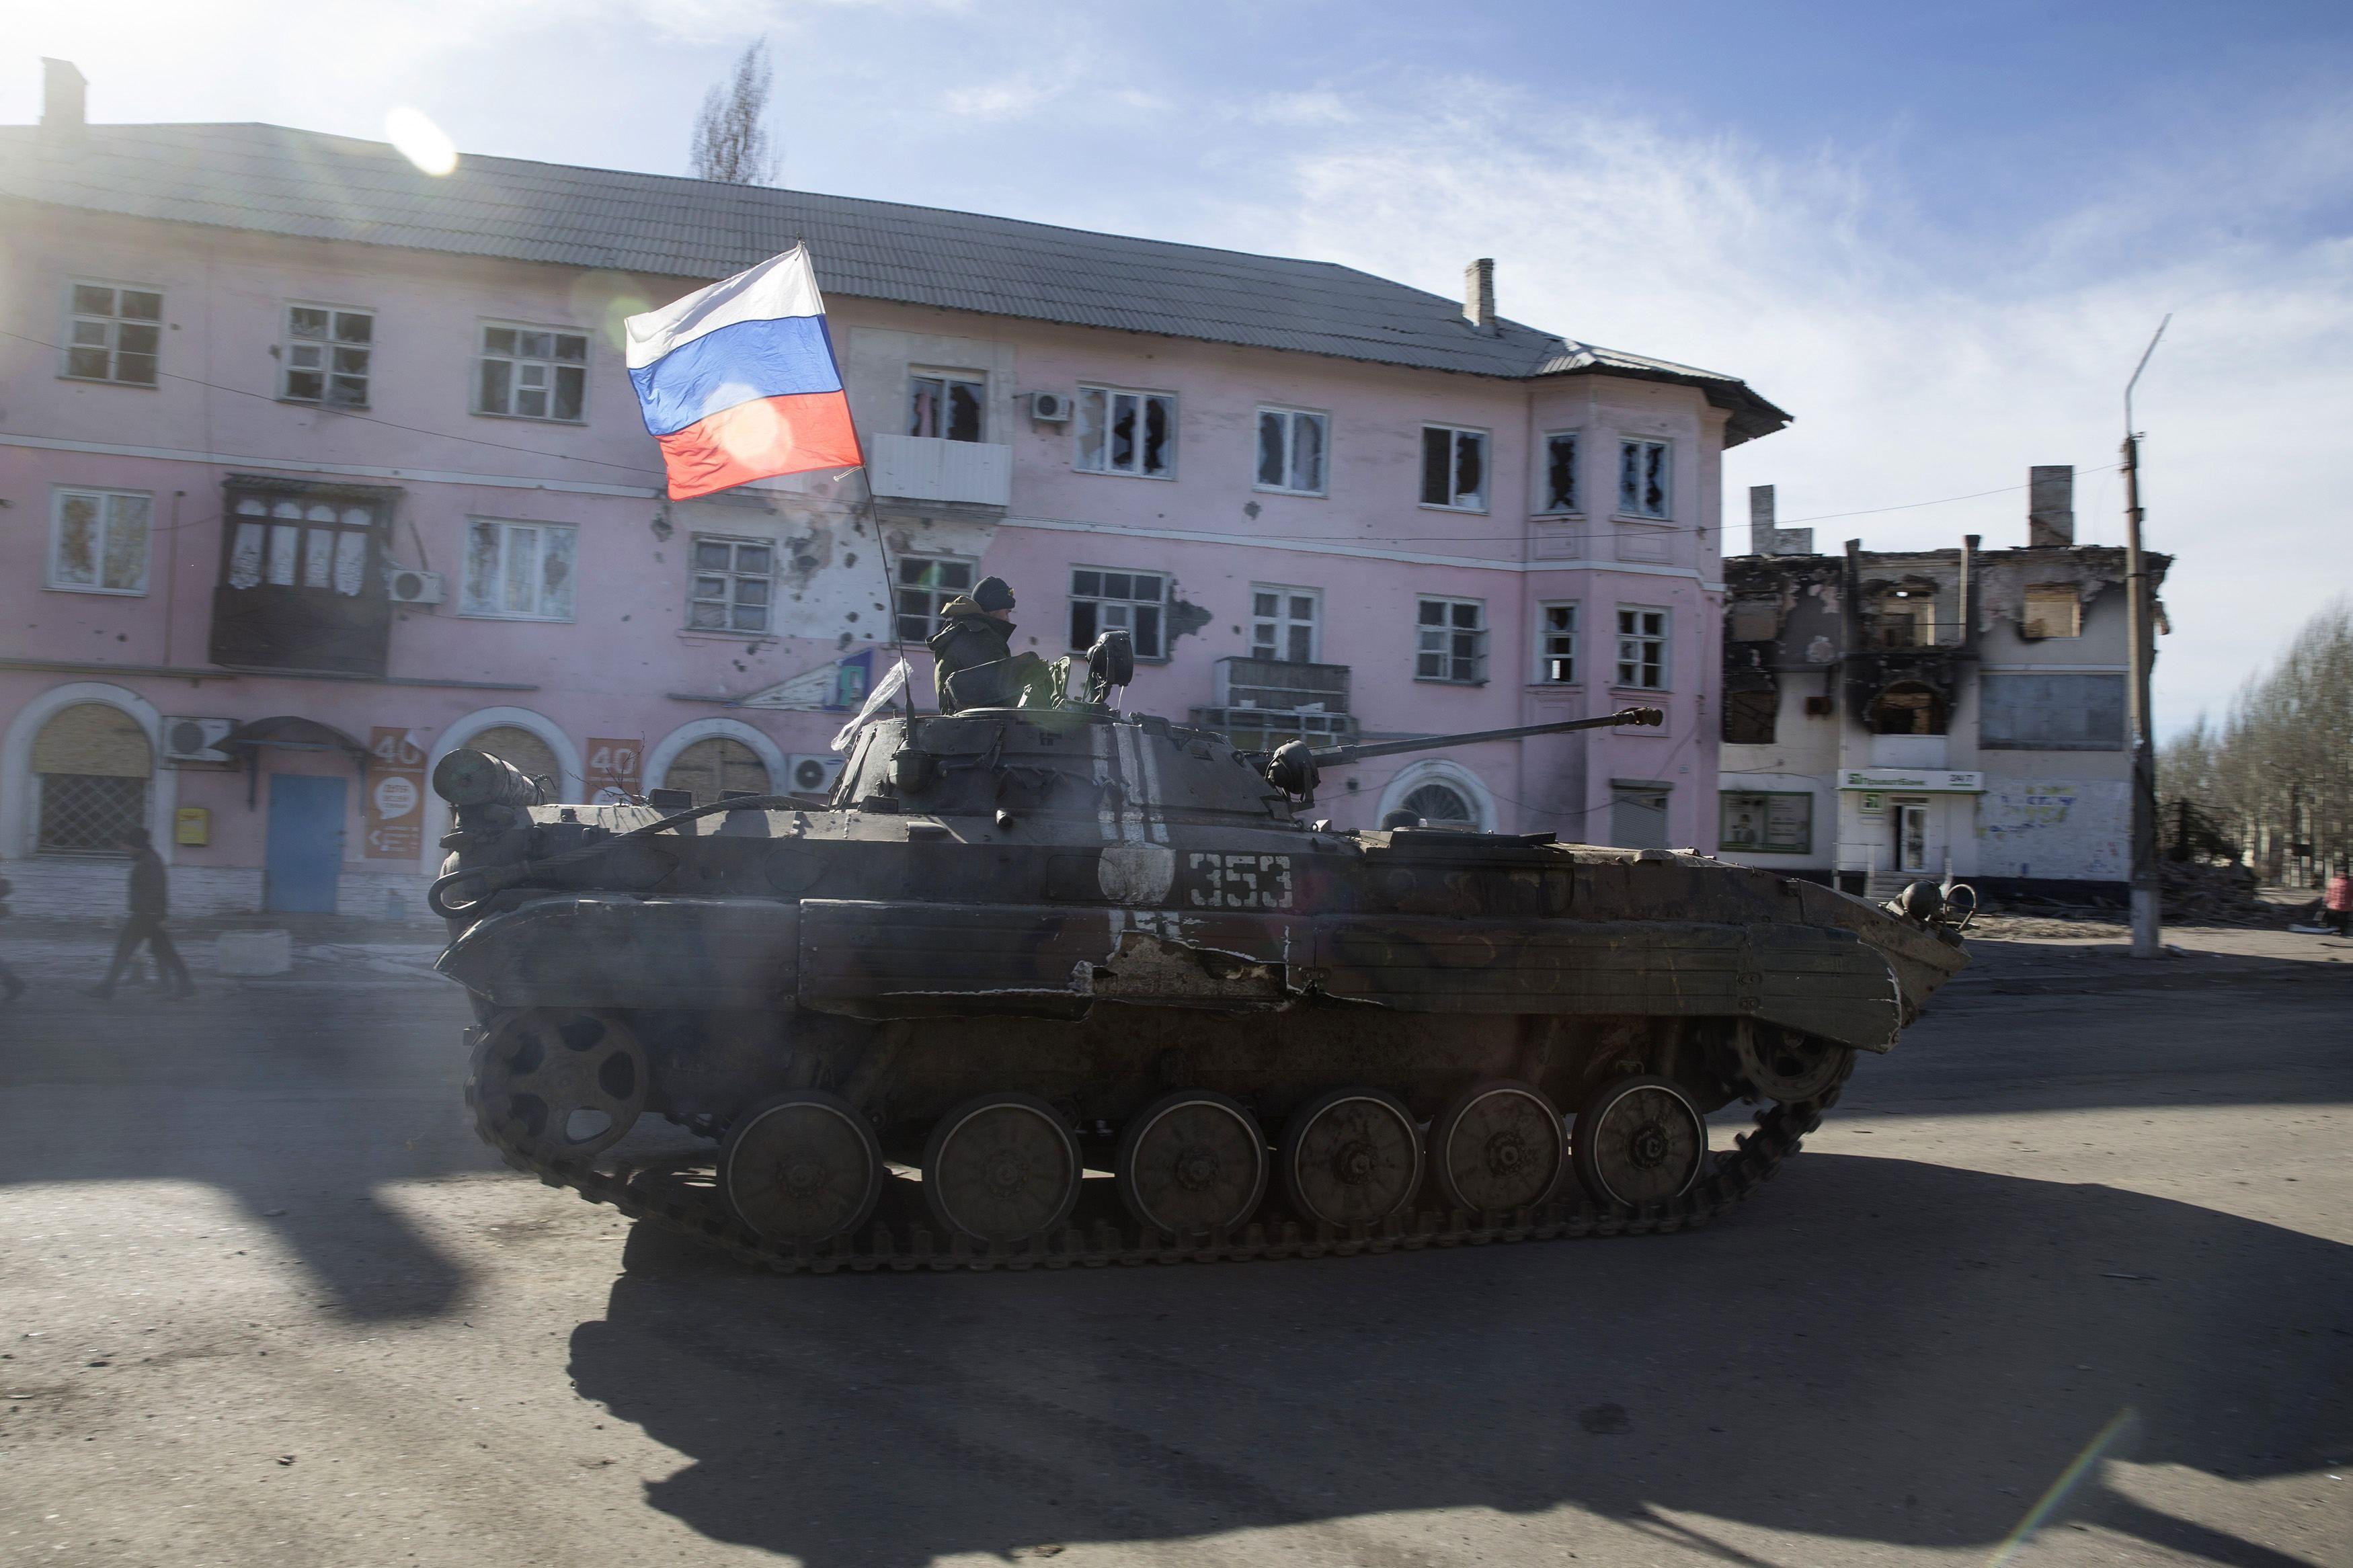 Вражеский БМП на Донбассе